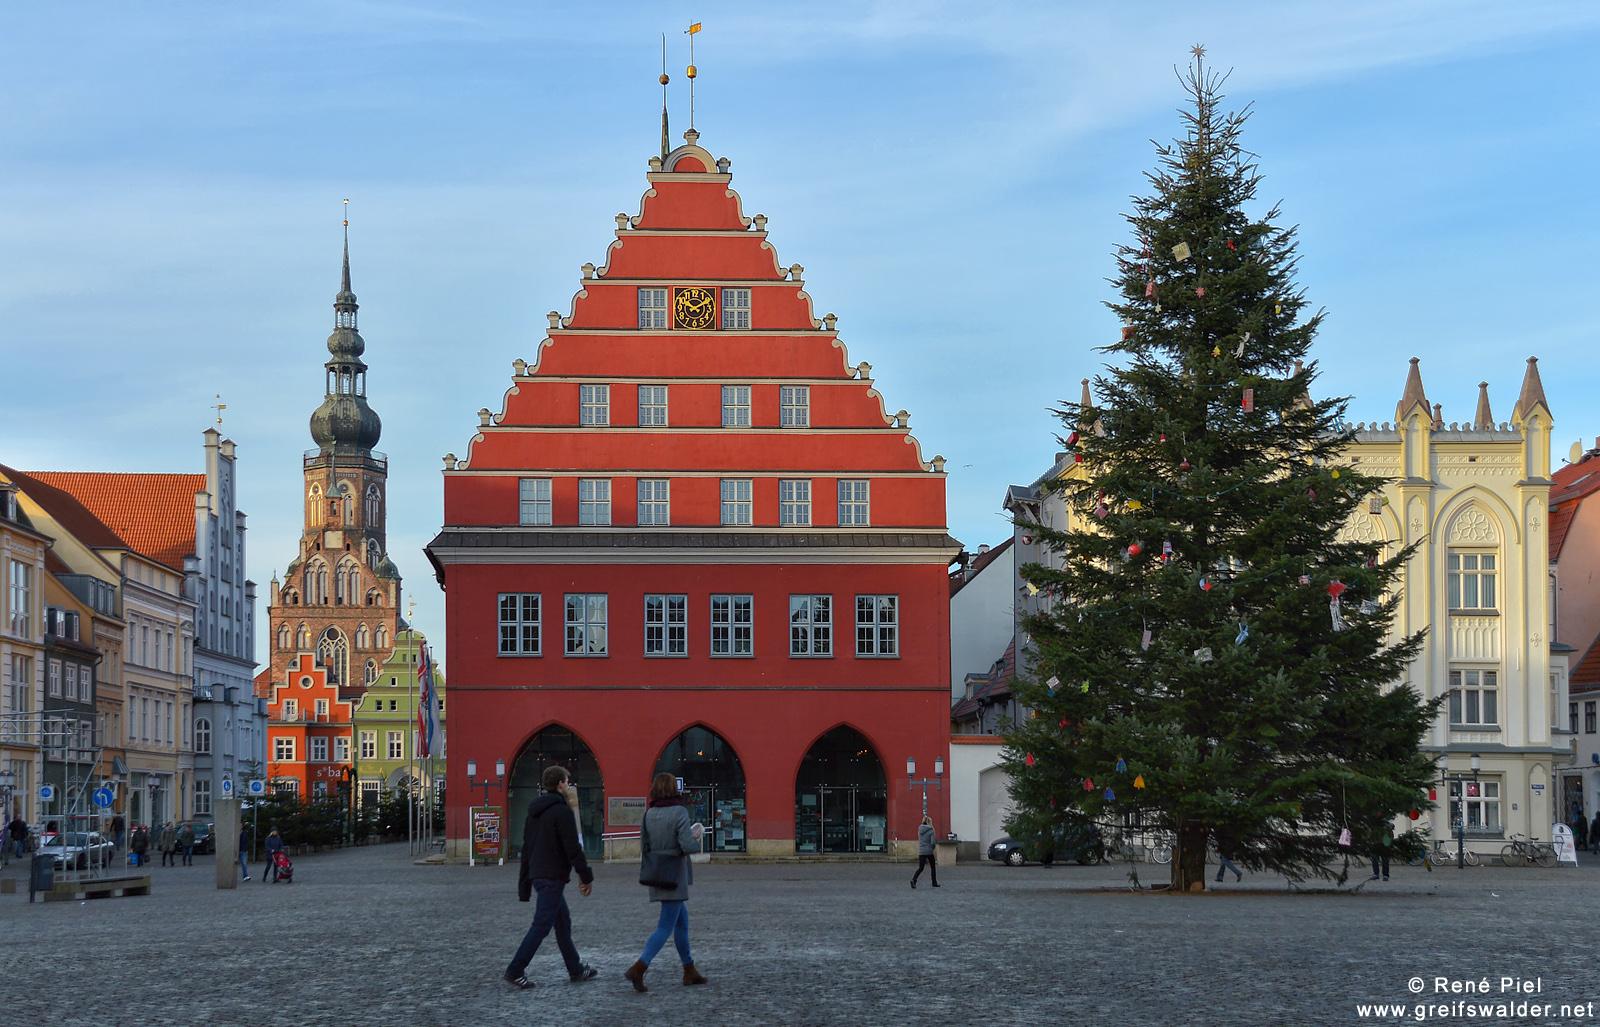 Weihnachten auf dem Marktplatz in Greifswald